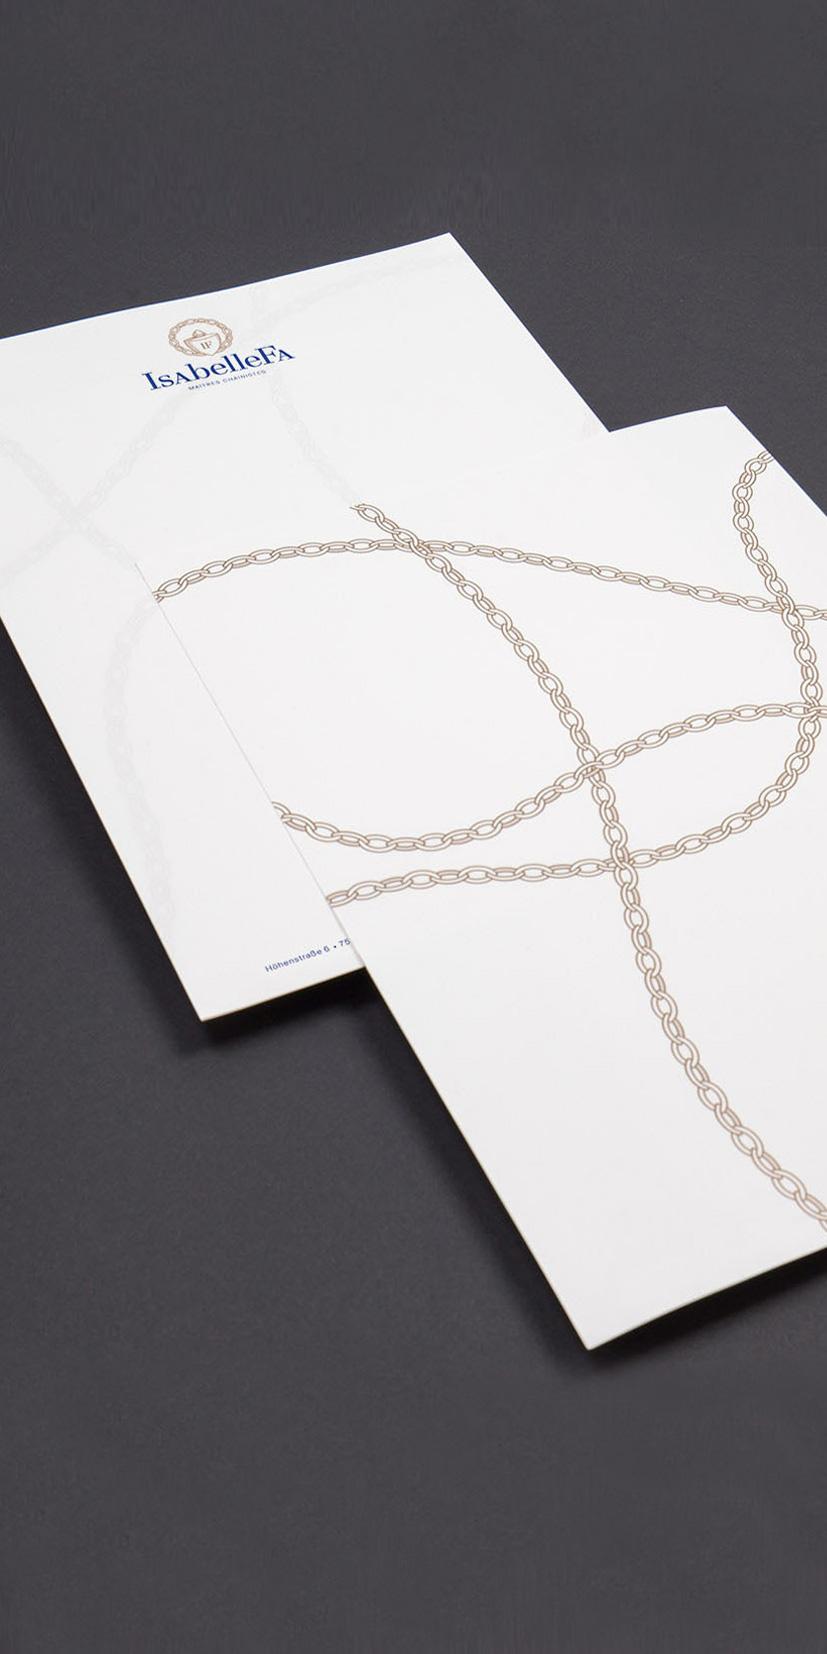 3DMBO-Studio-für-Gestaltung-Pforzheim-IsabelleFa-schmuck-design-